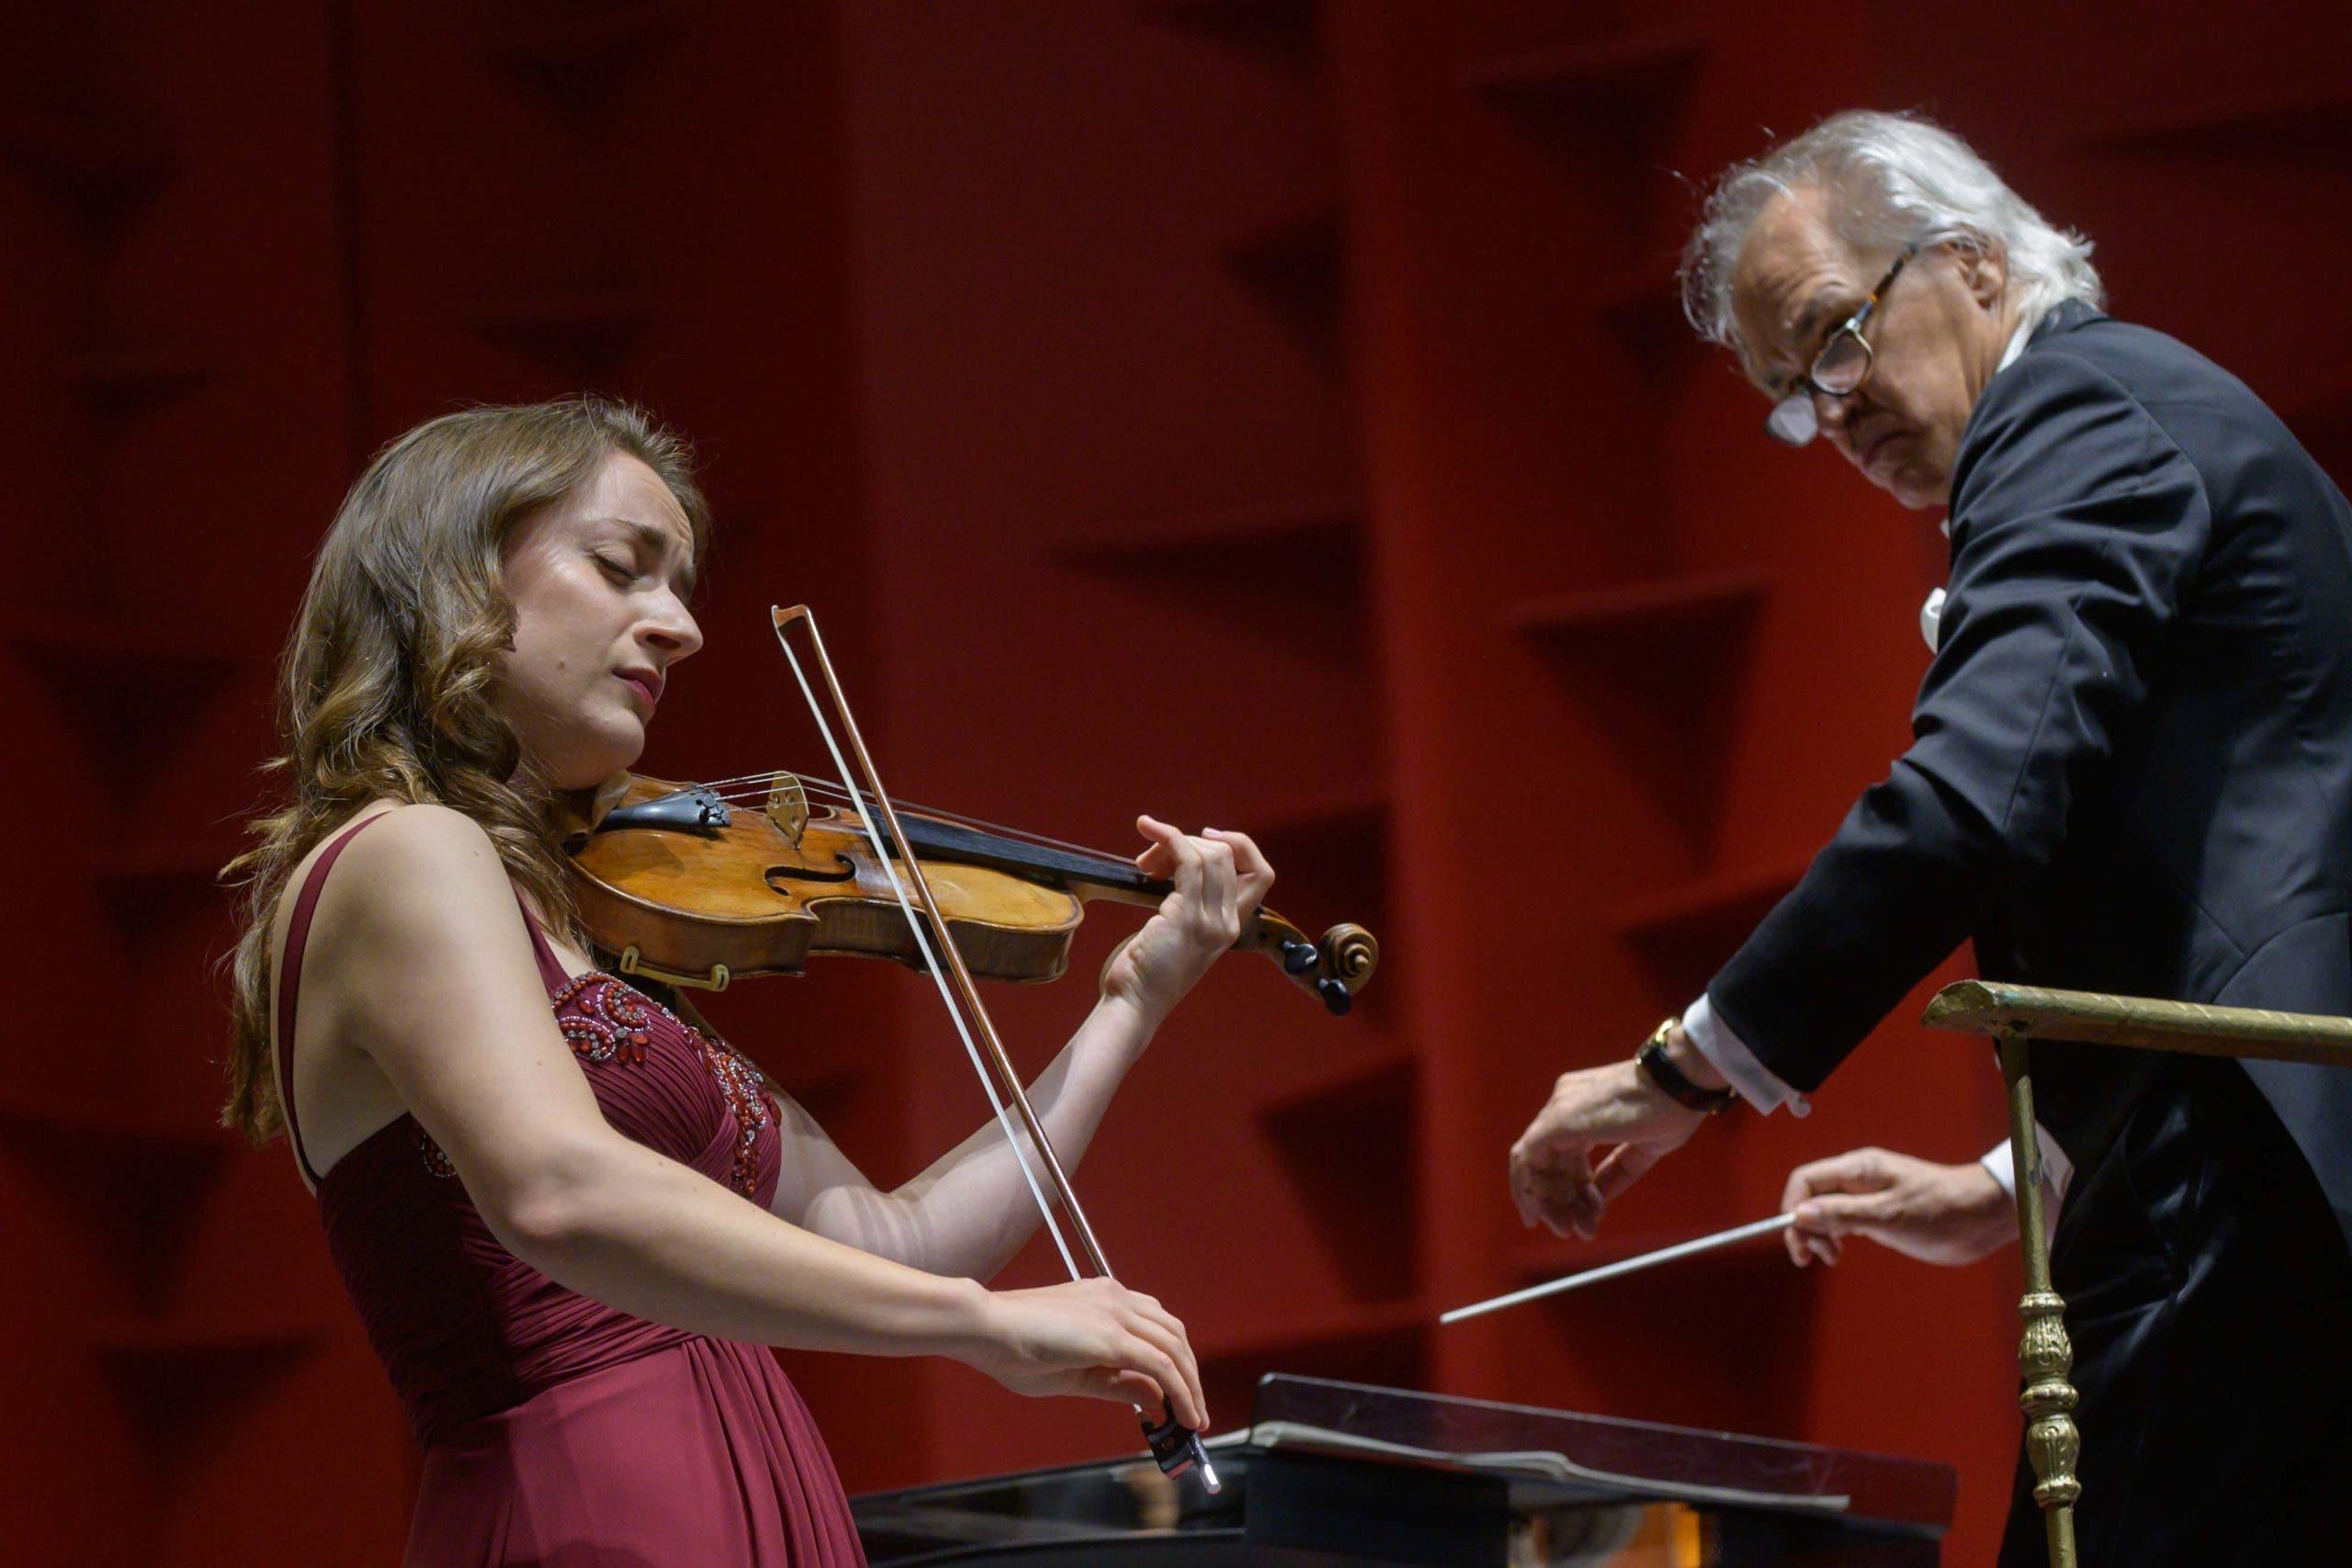 Músicos Filarmónica de Berlín se presentan en gala musical Teatro Nacional